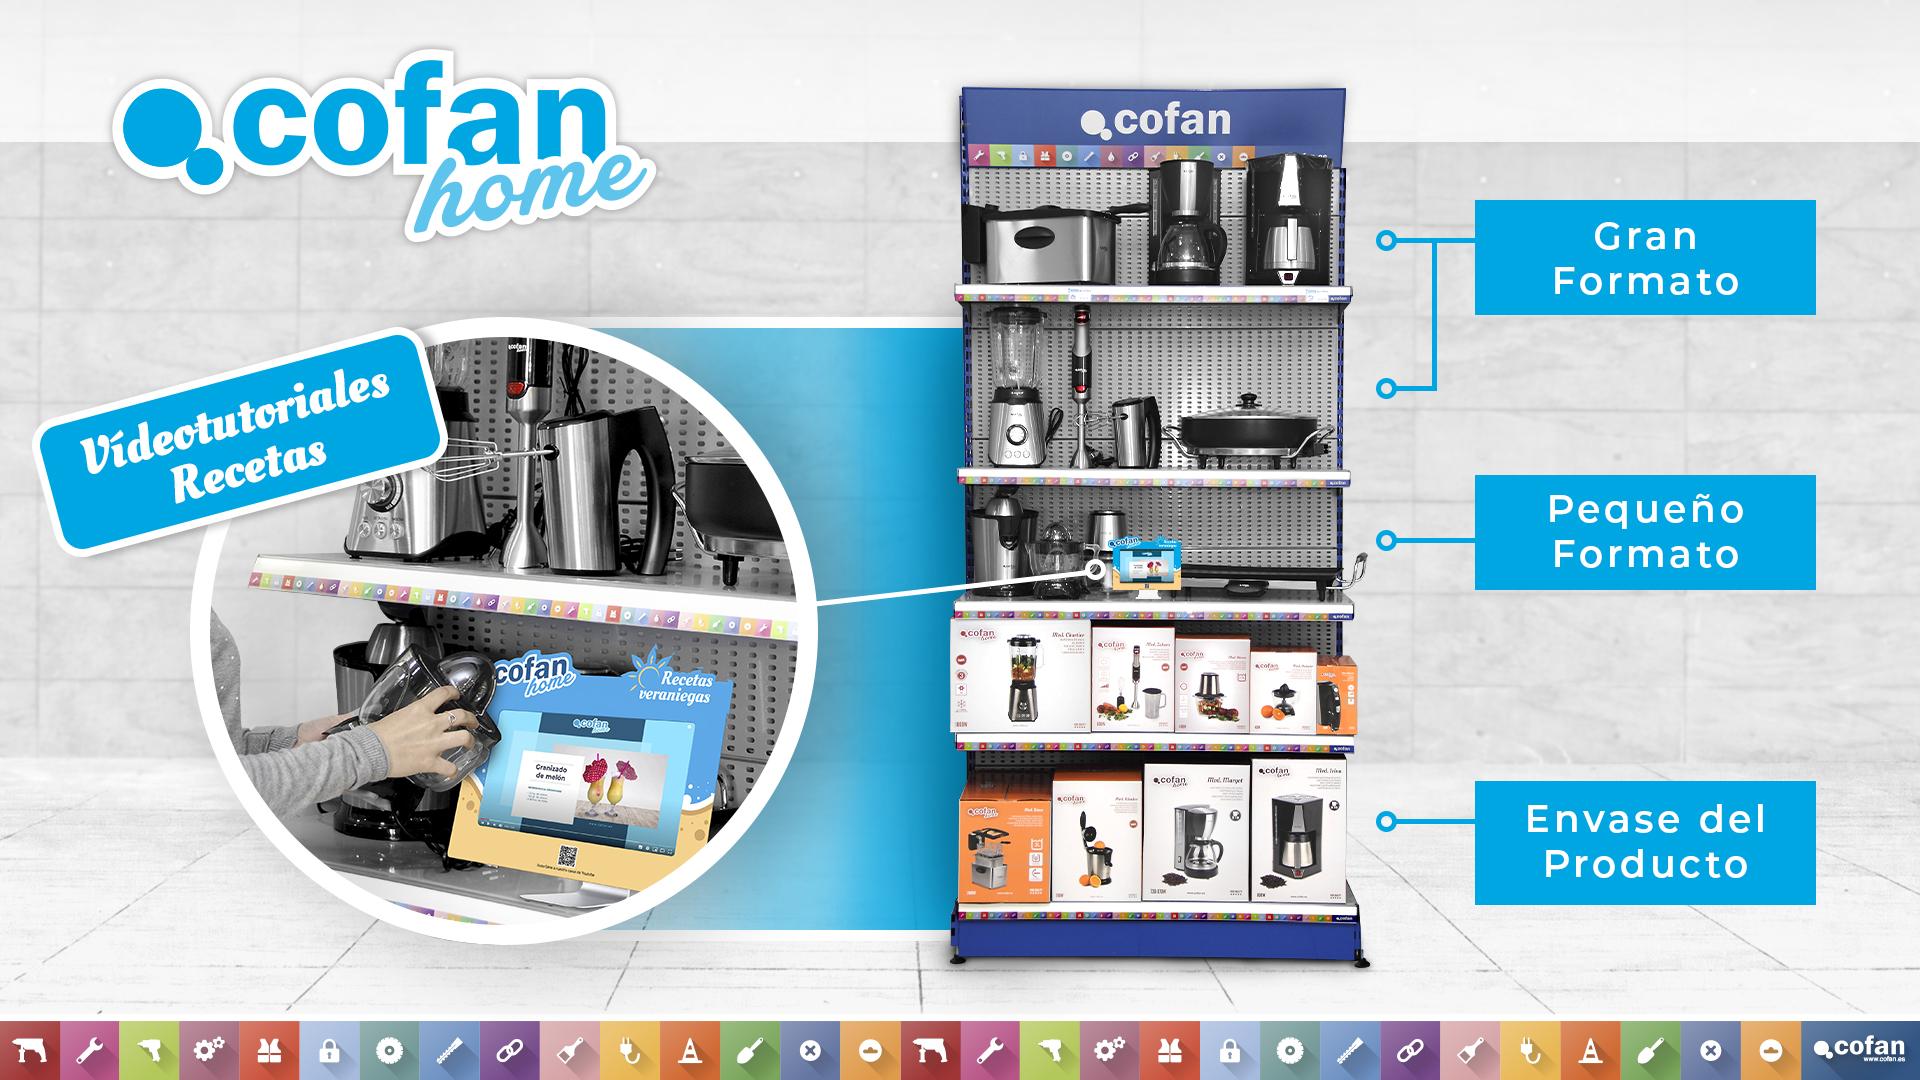 Mejora la calidad de tus recetas con el Pequeño Electrodoméstico de Cofan home